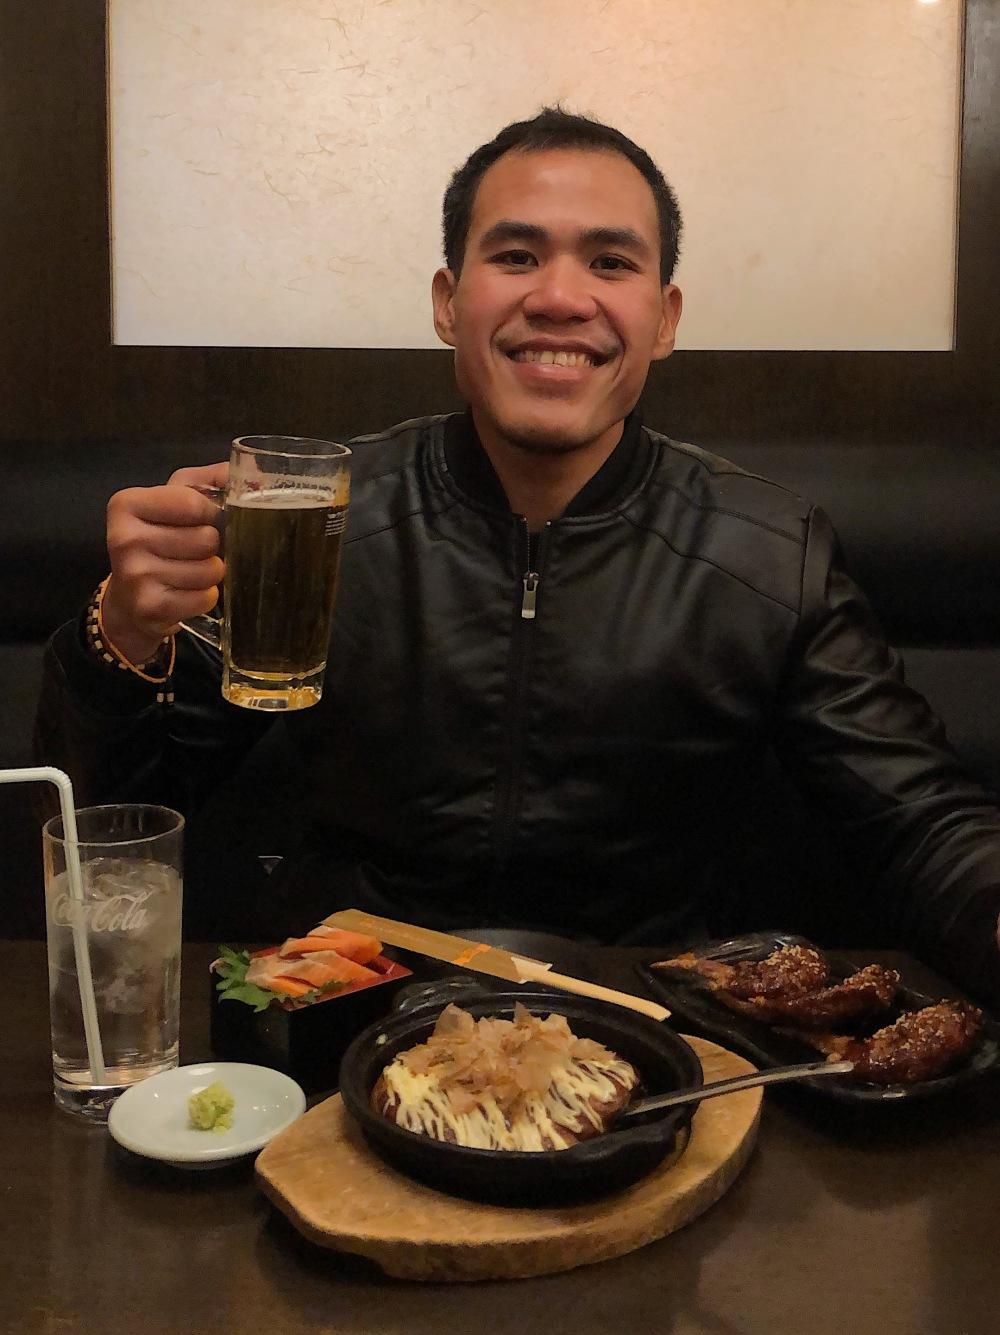 JAPANESE FOOOOOD!